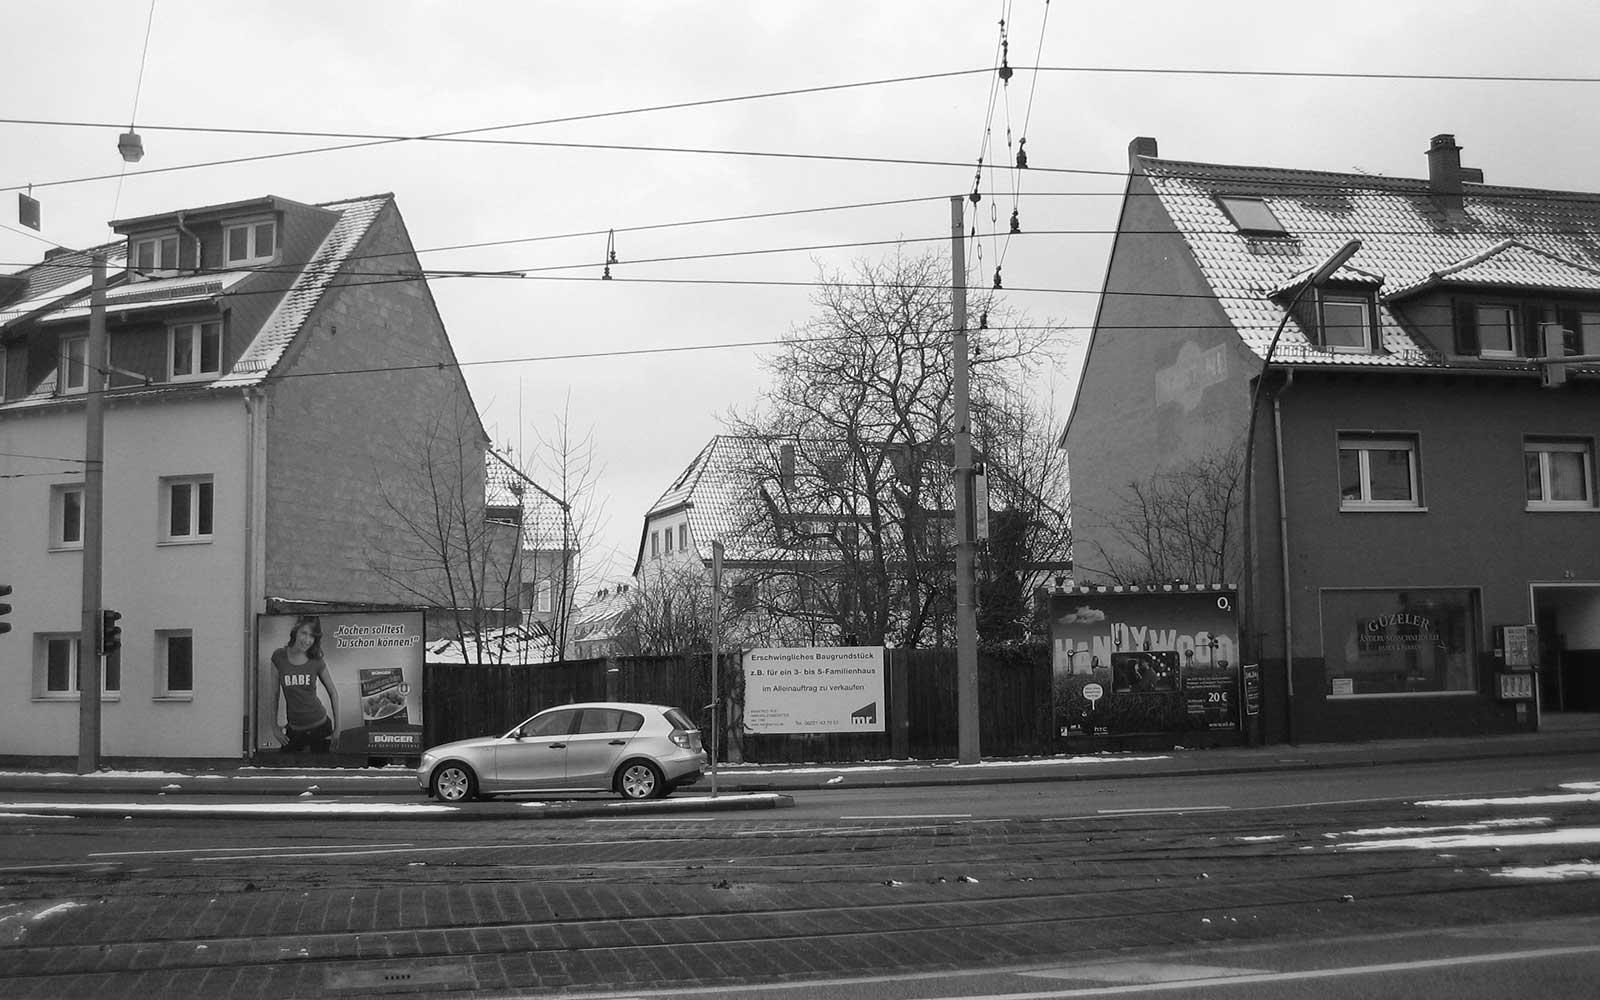 Hans Thoma Wohnheim in Heidelberg Handschuhsheim, Kochhan und Weckbach Architekturbüro Heidelberg